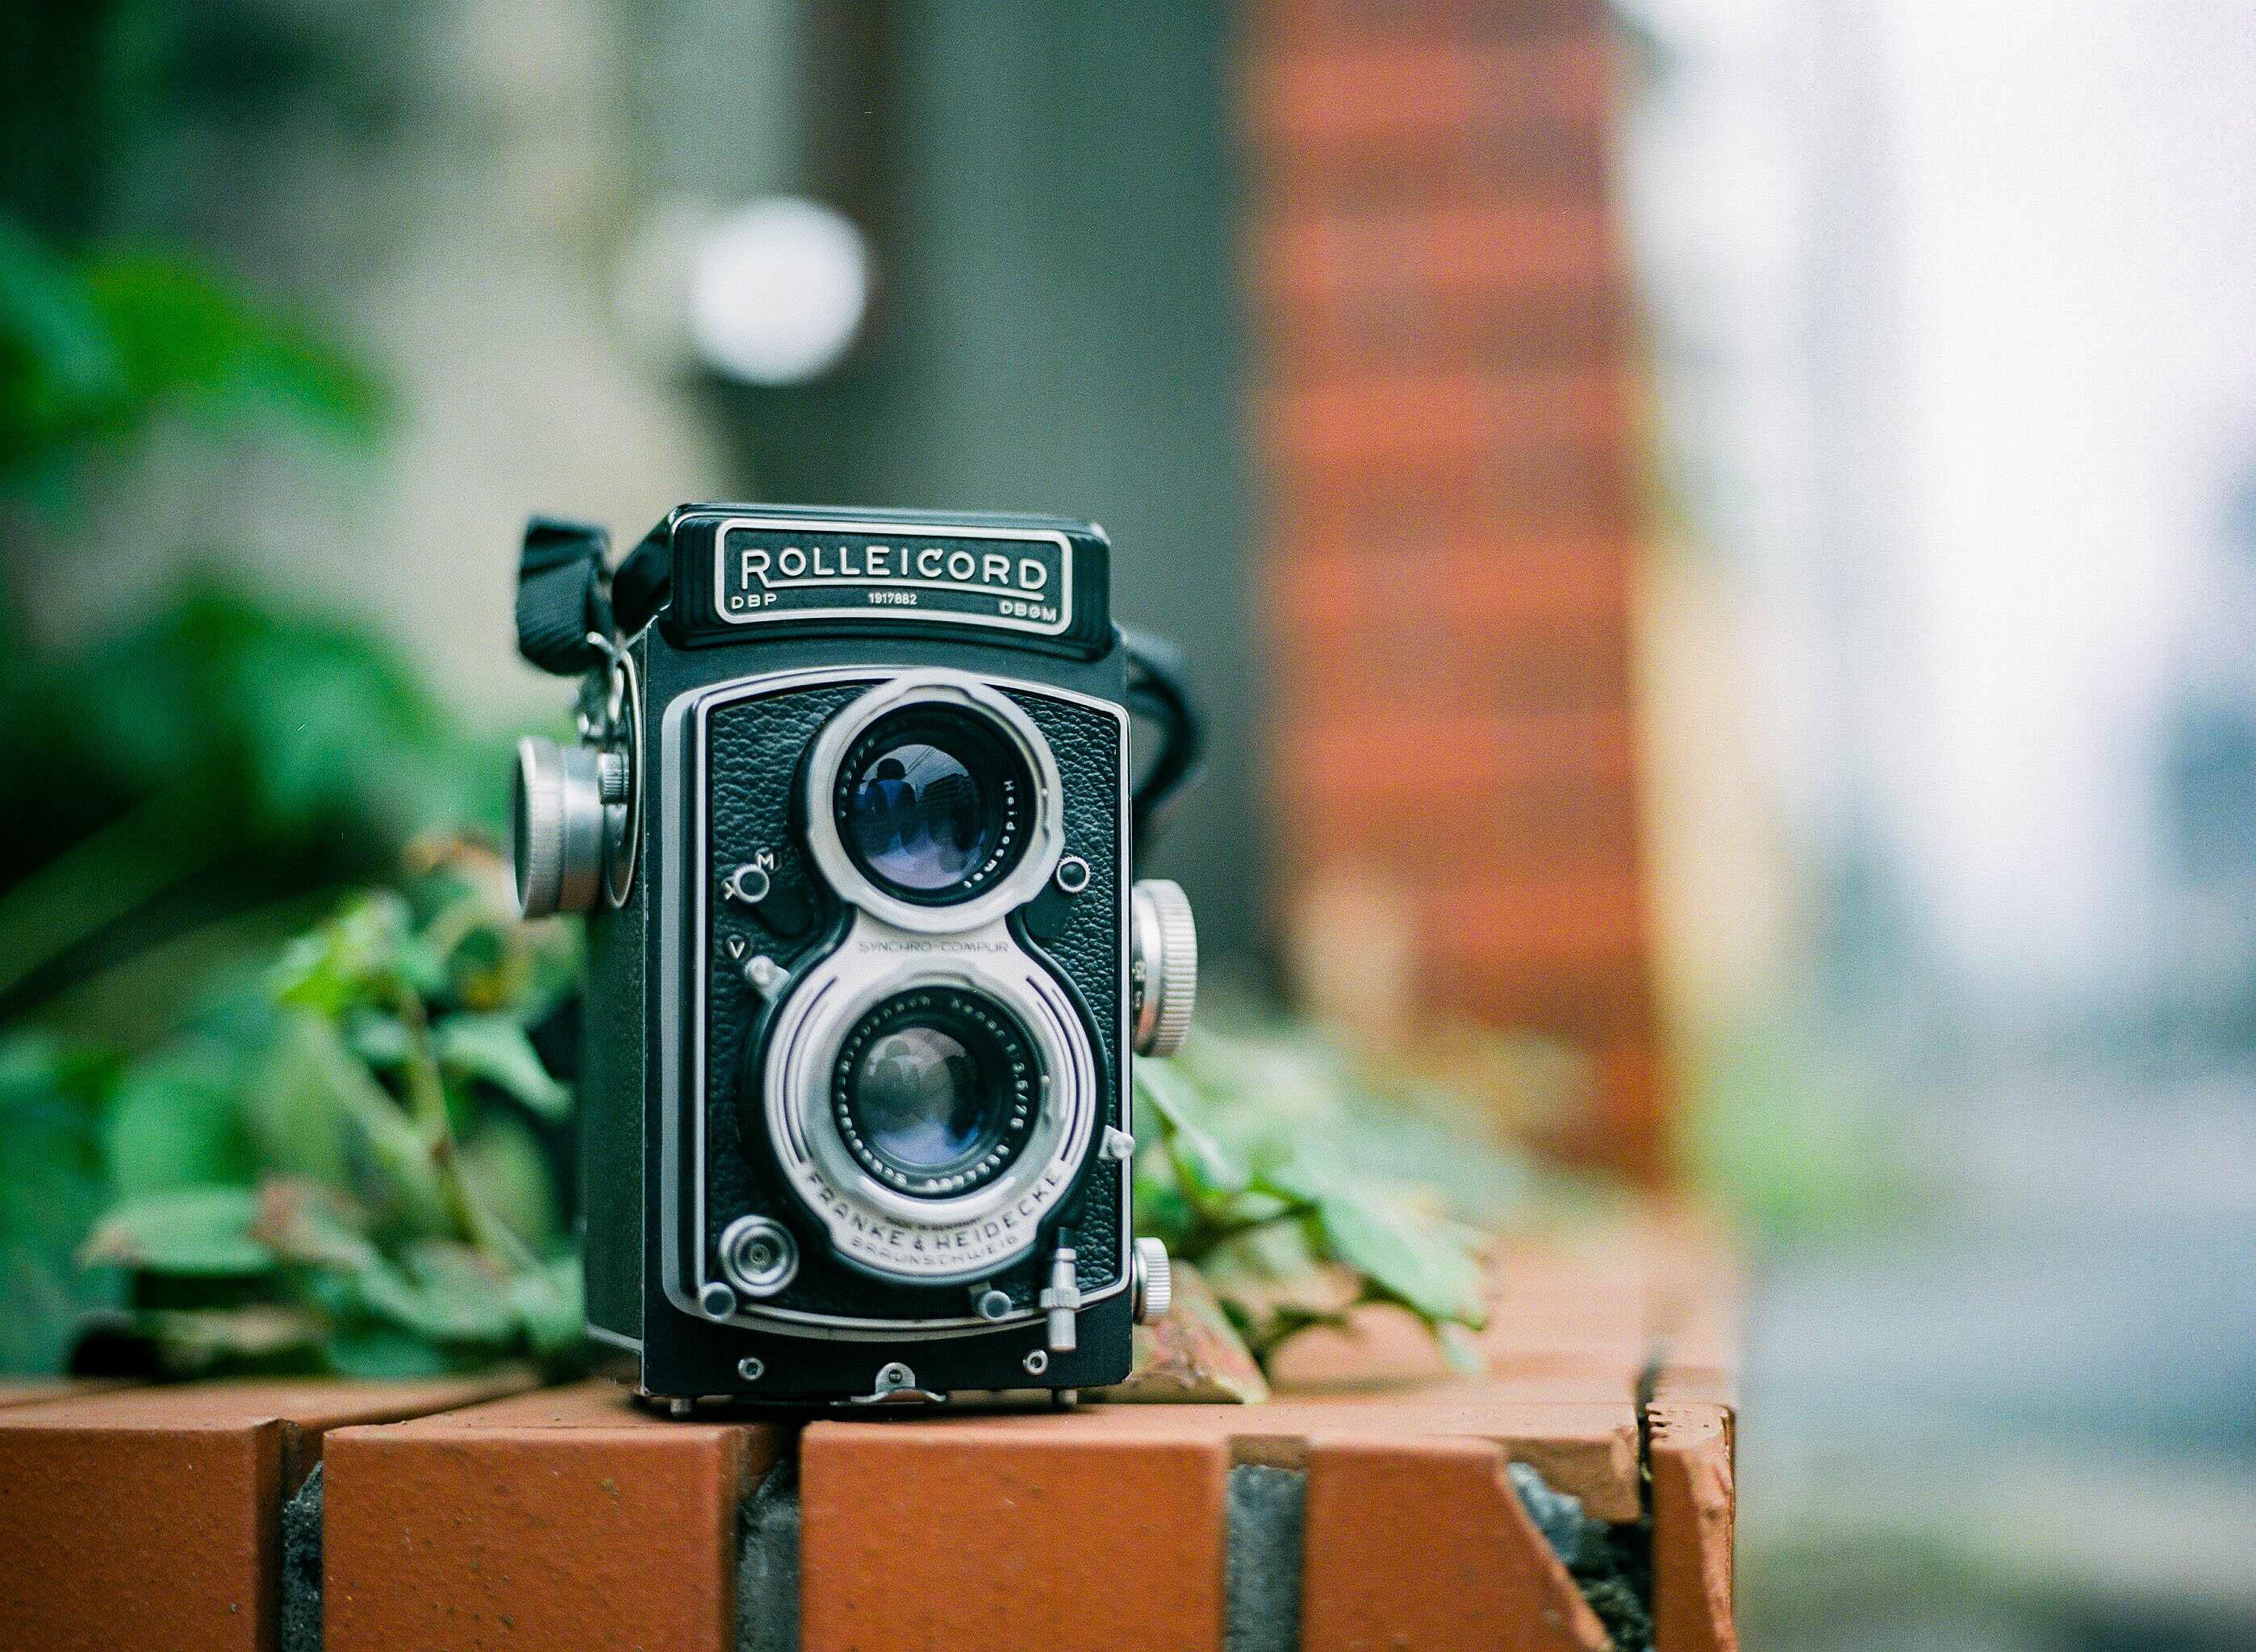 写真撮影 - 作品化 -【定期撮影コース】